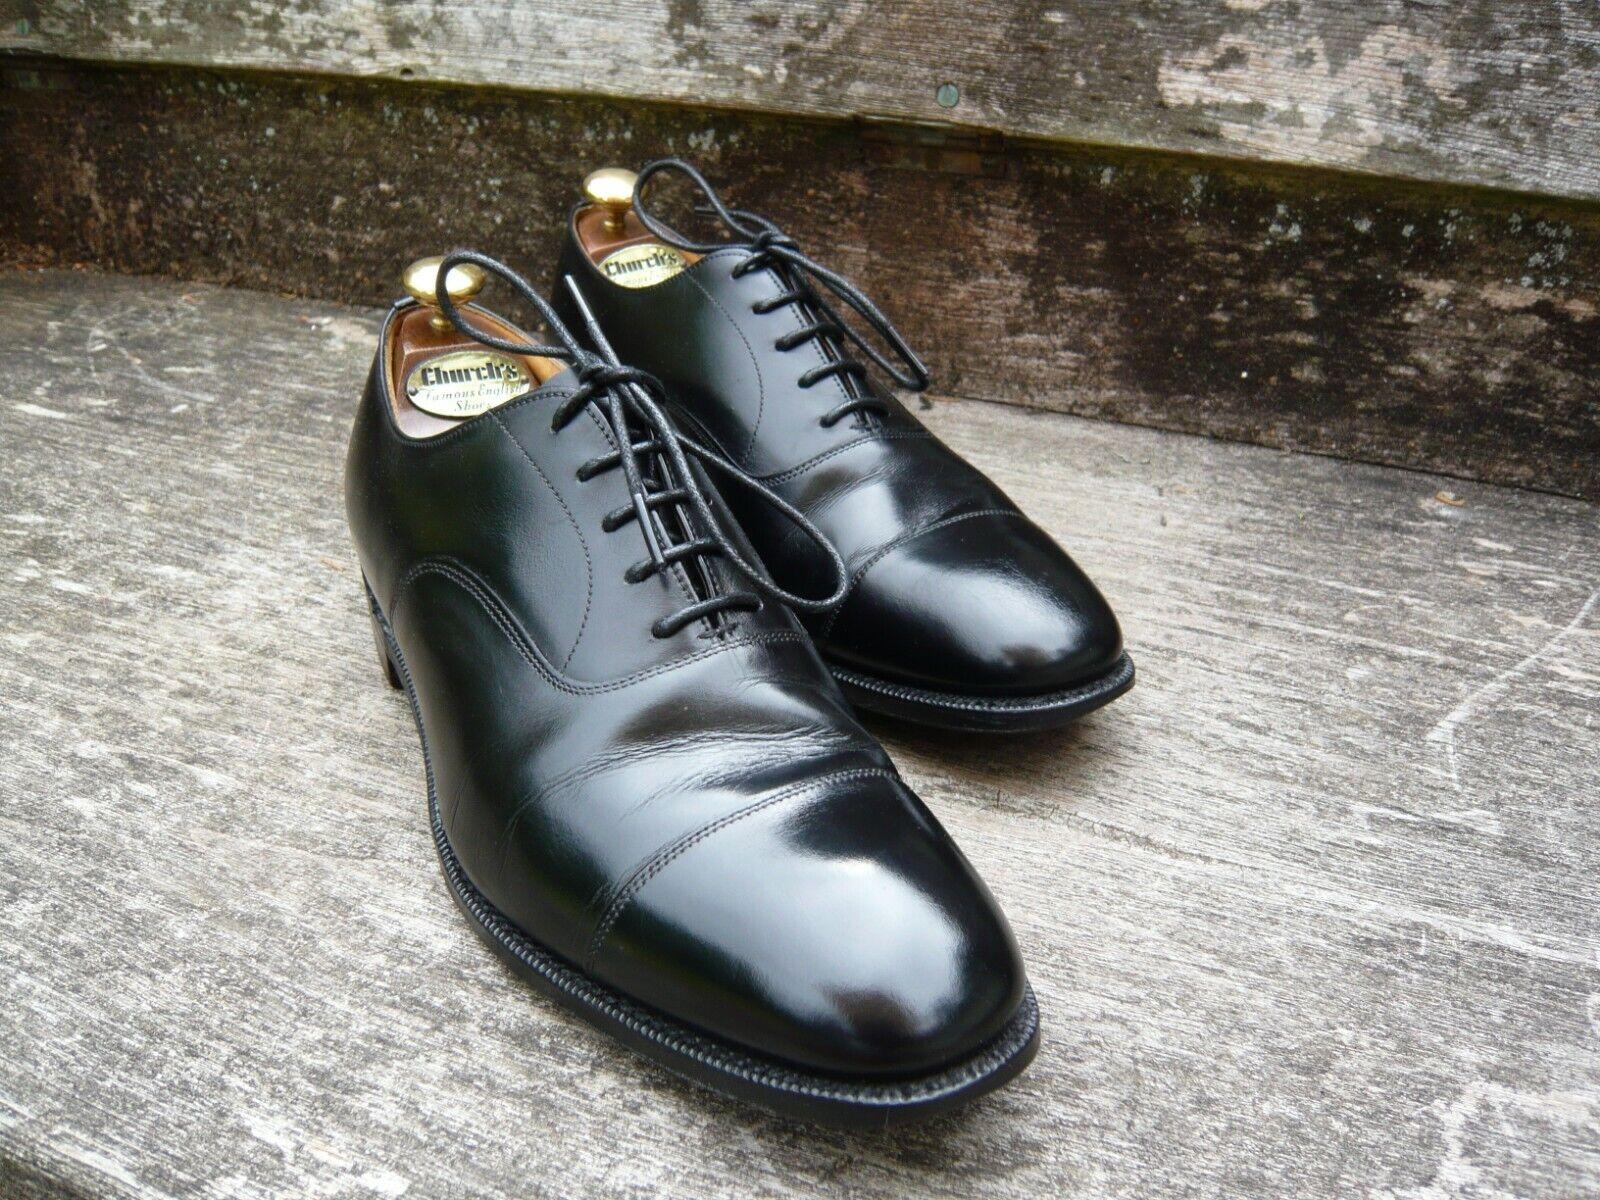 Iglesia Oxford Calzado Para Hombres-Negro – Balmoral – UK 9 – Excelentes Condiciones